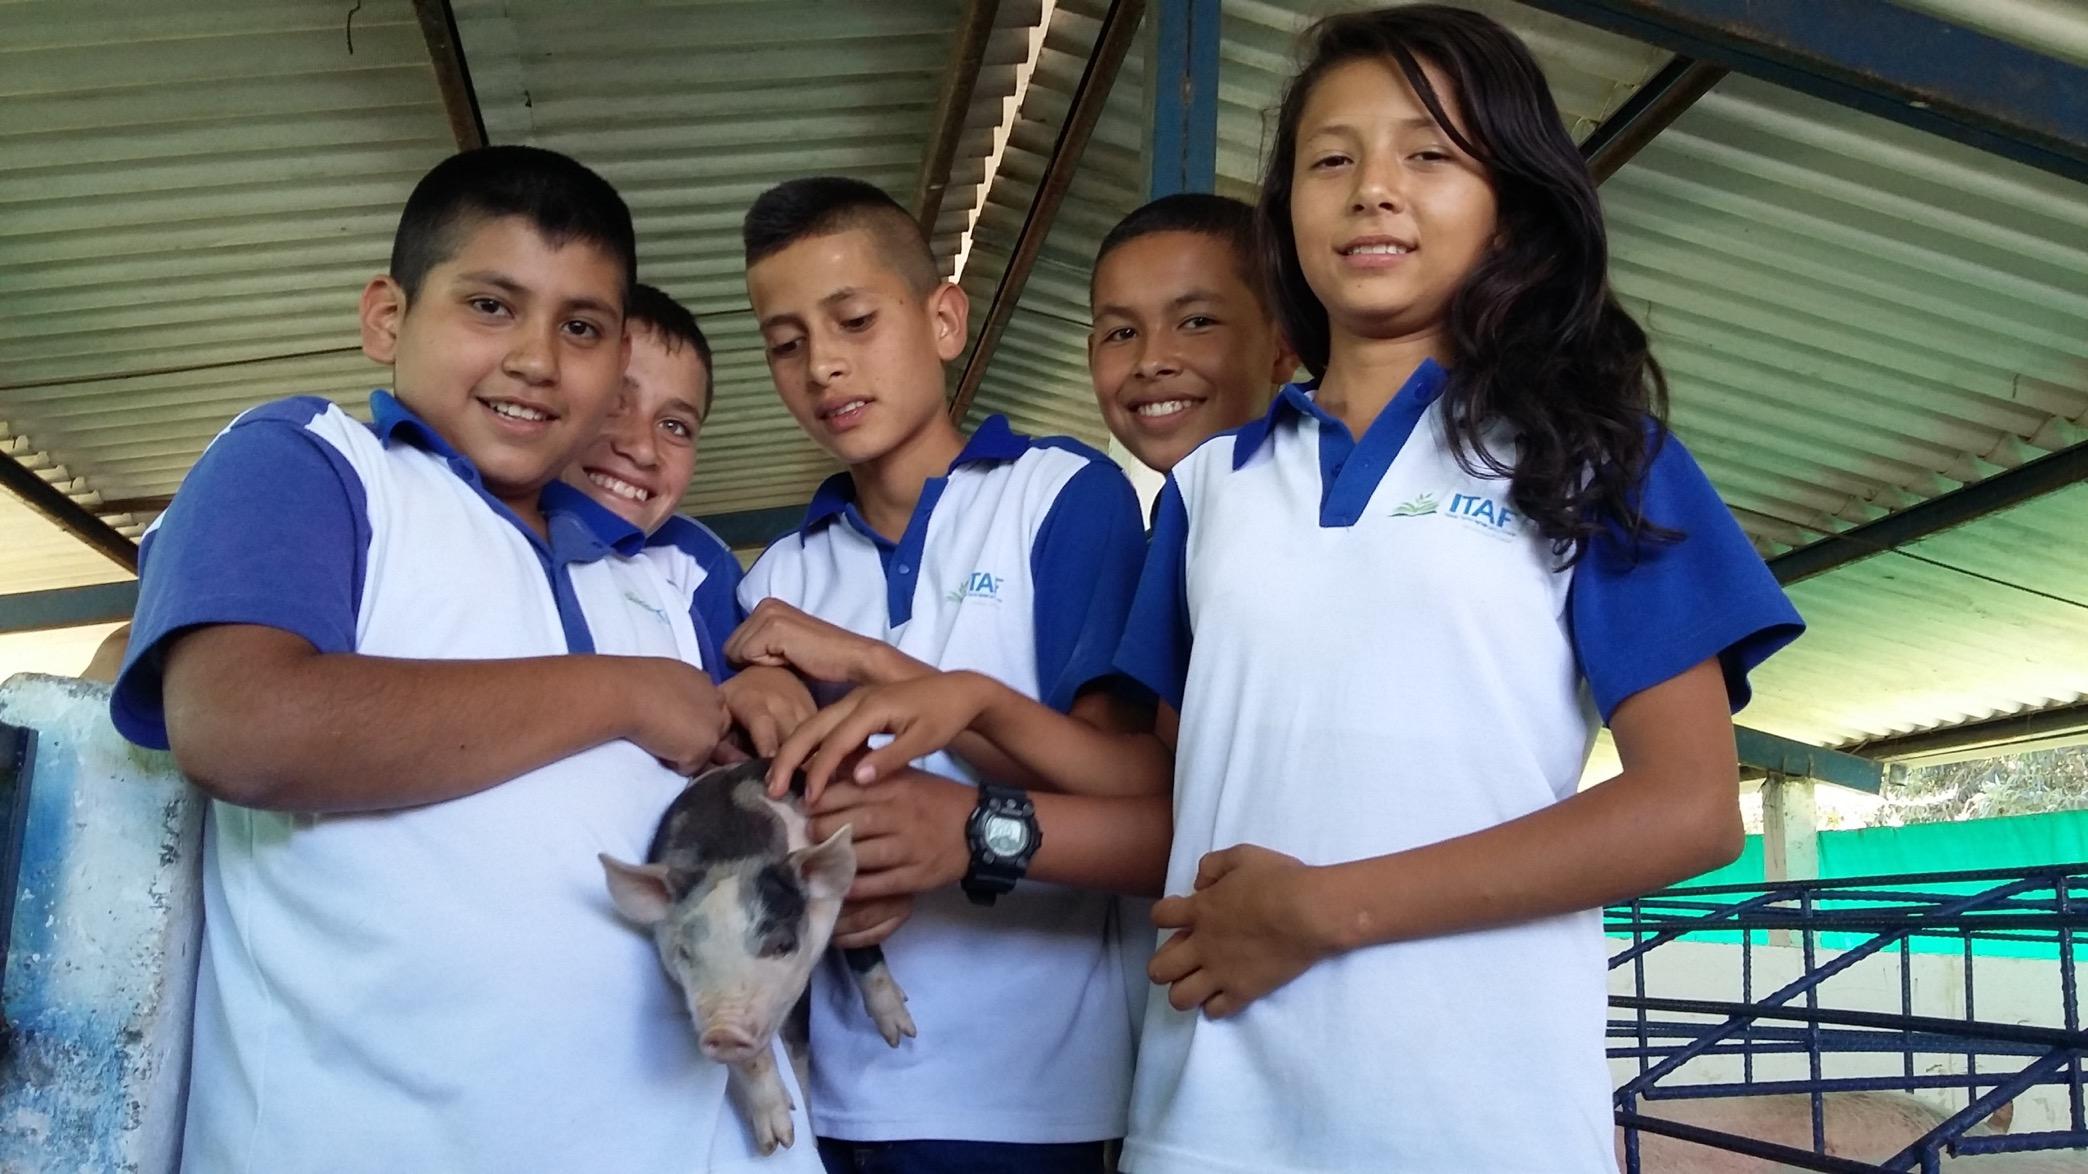 ITAF El Tambo 3. Cortesía: Fundación Smurfit Kappa Colombia.